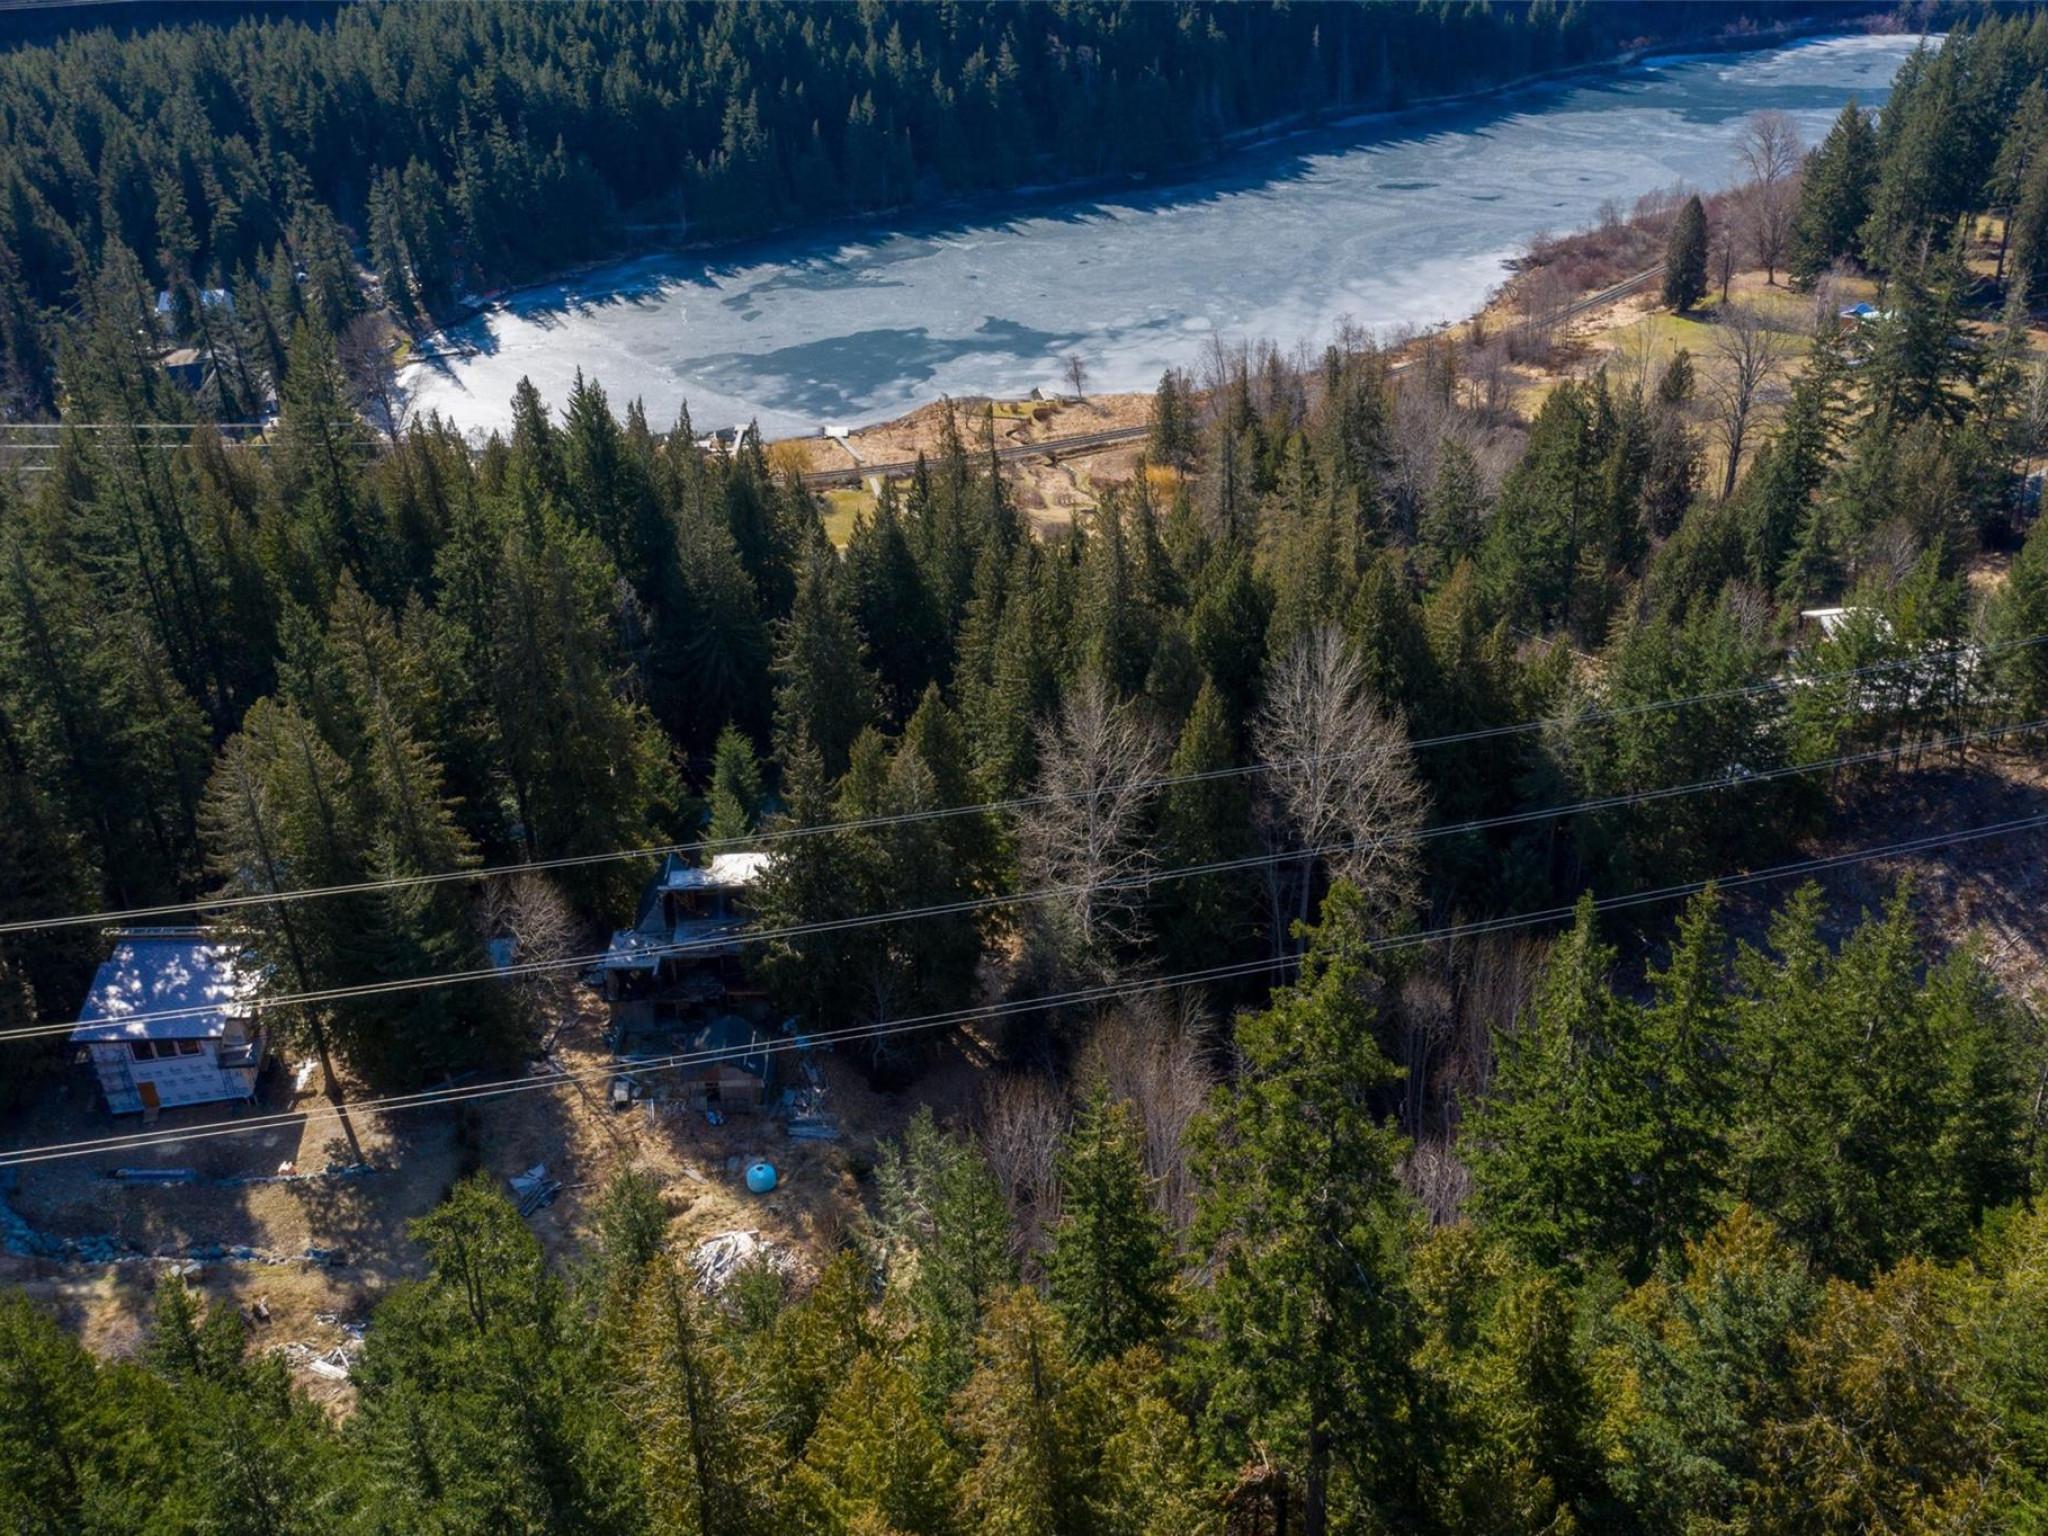 9209 Portage Road image 5